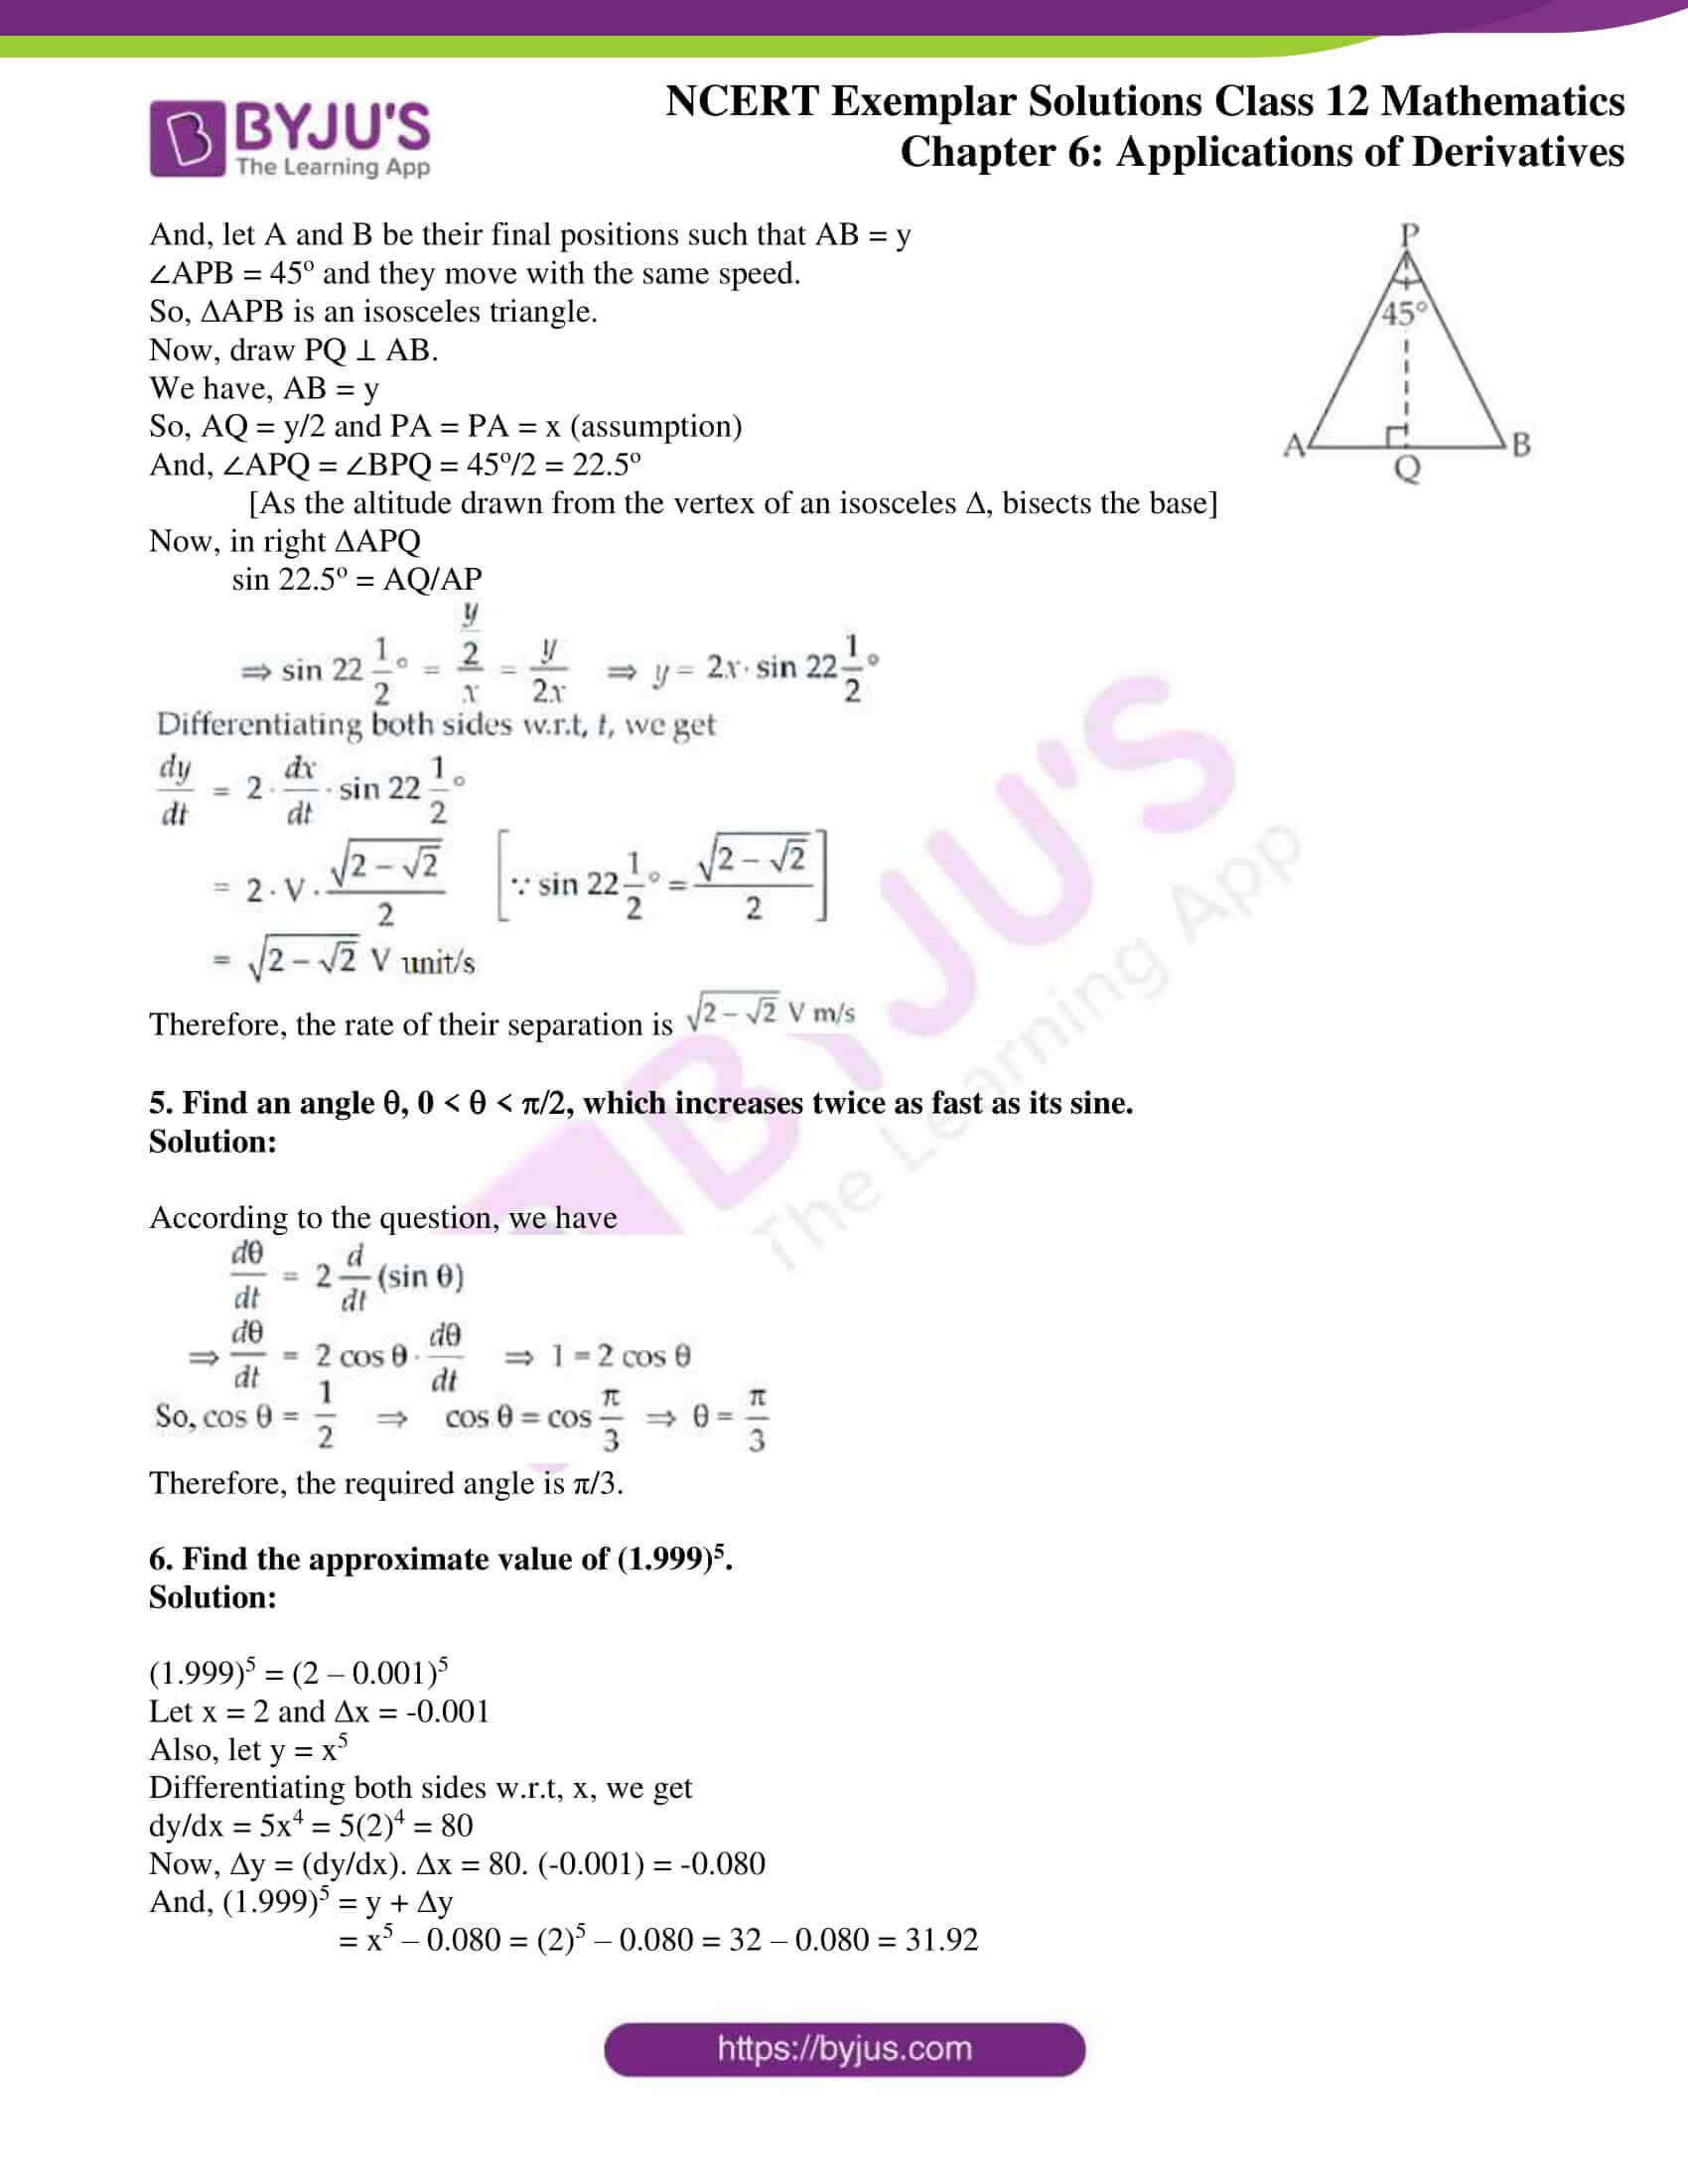 ncert exemplar sol class 12 math ch6 03